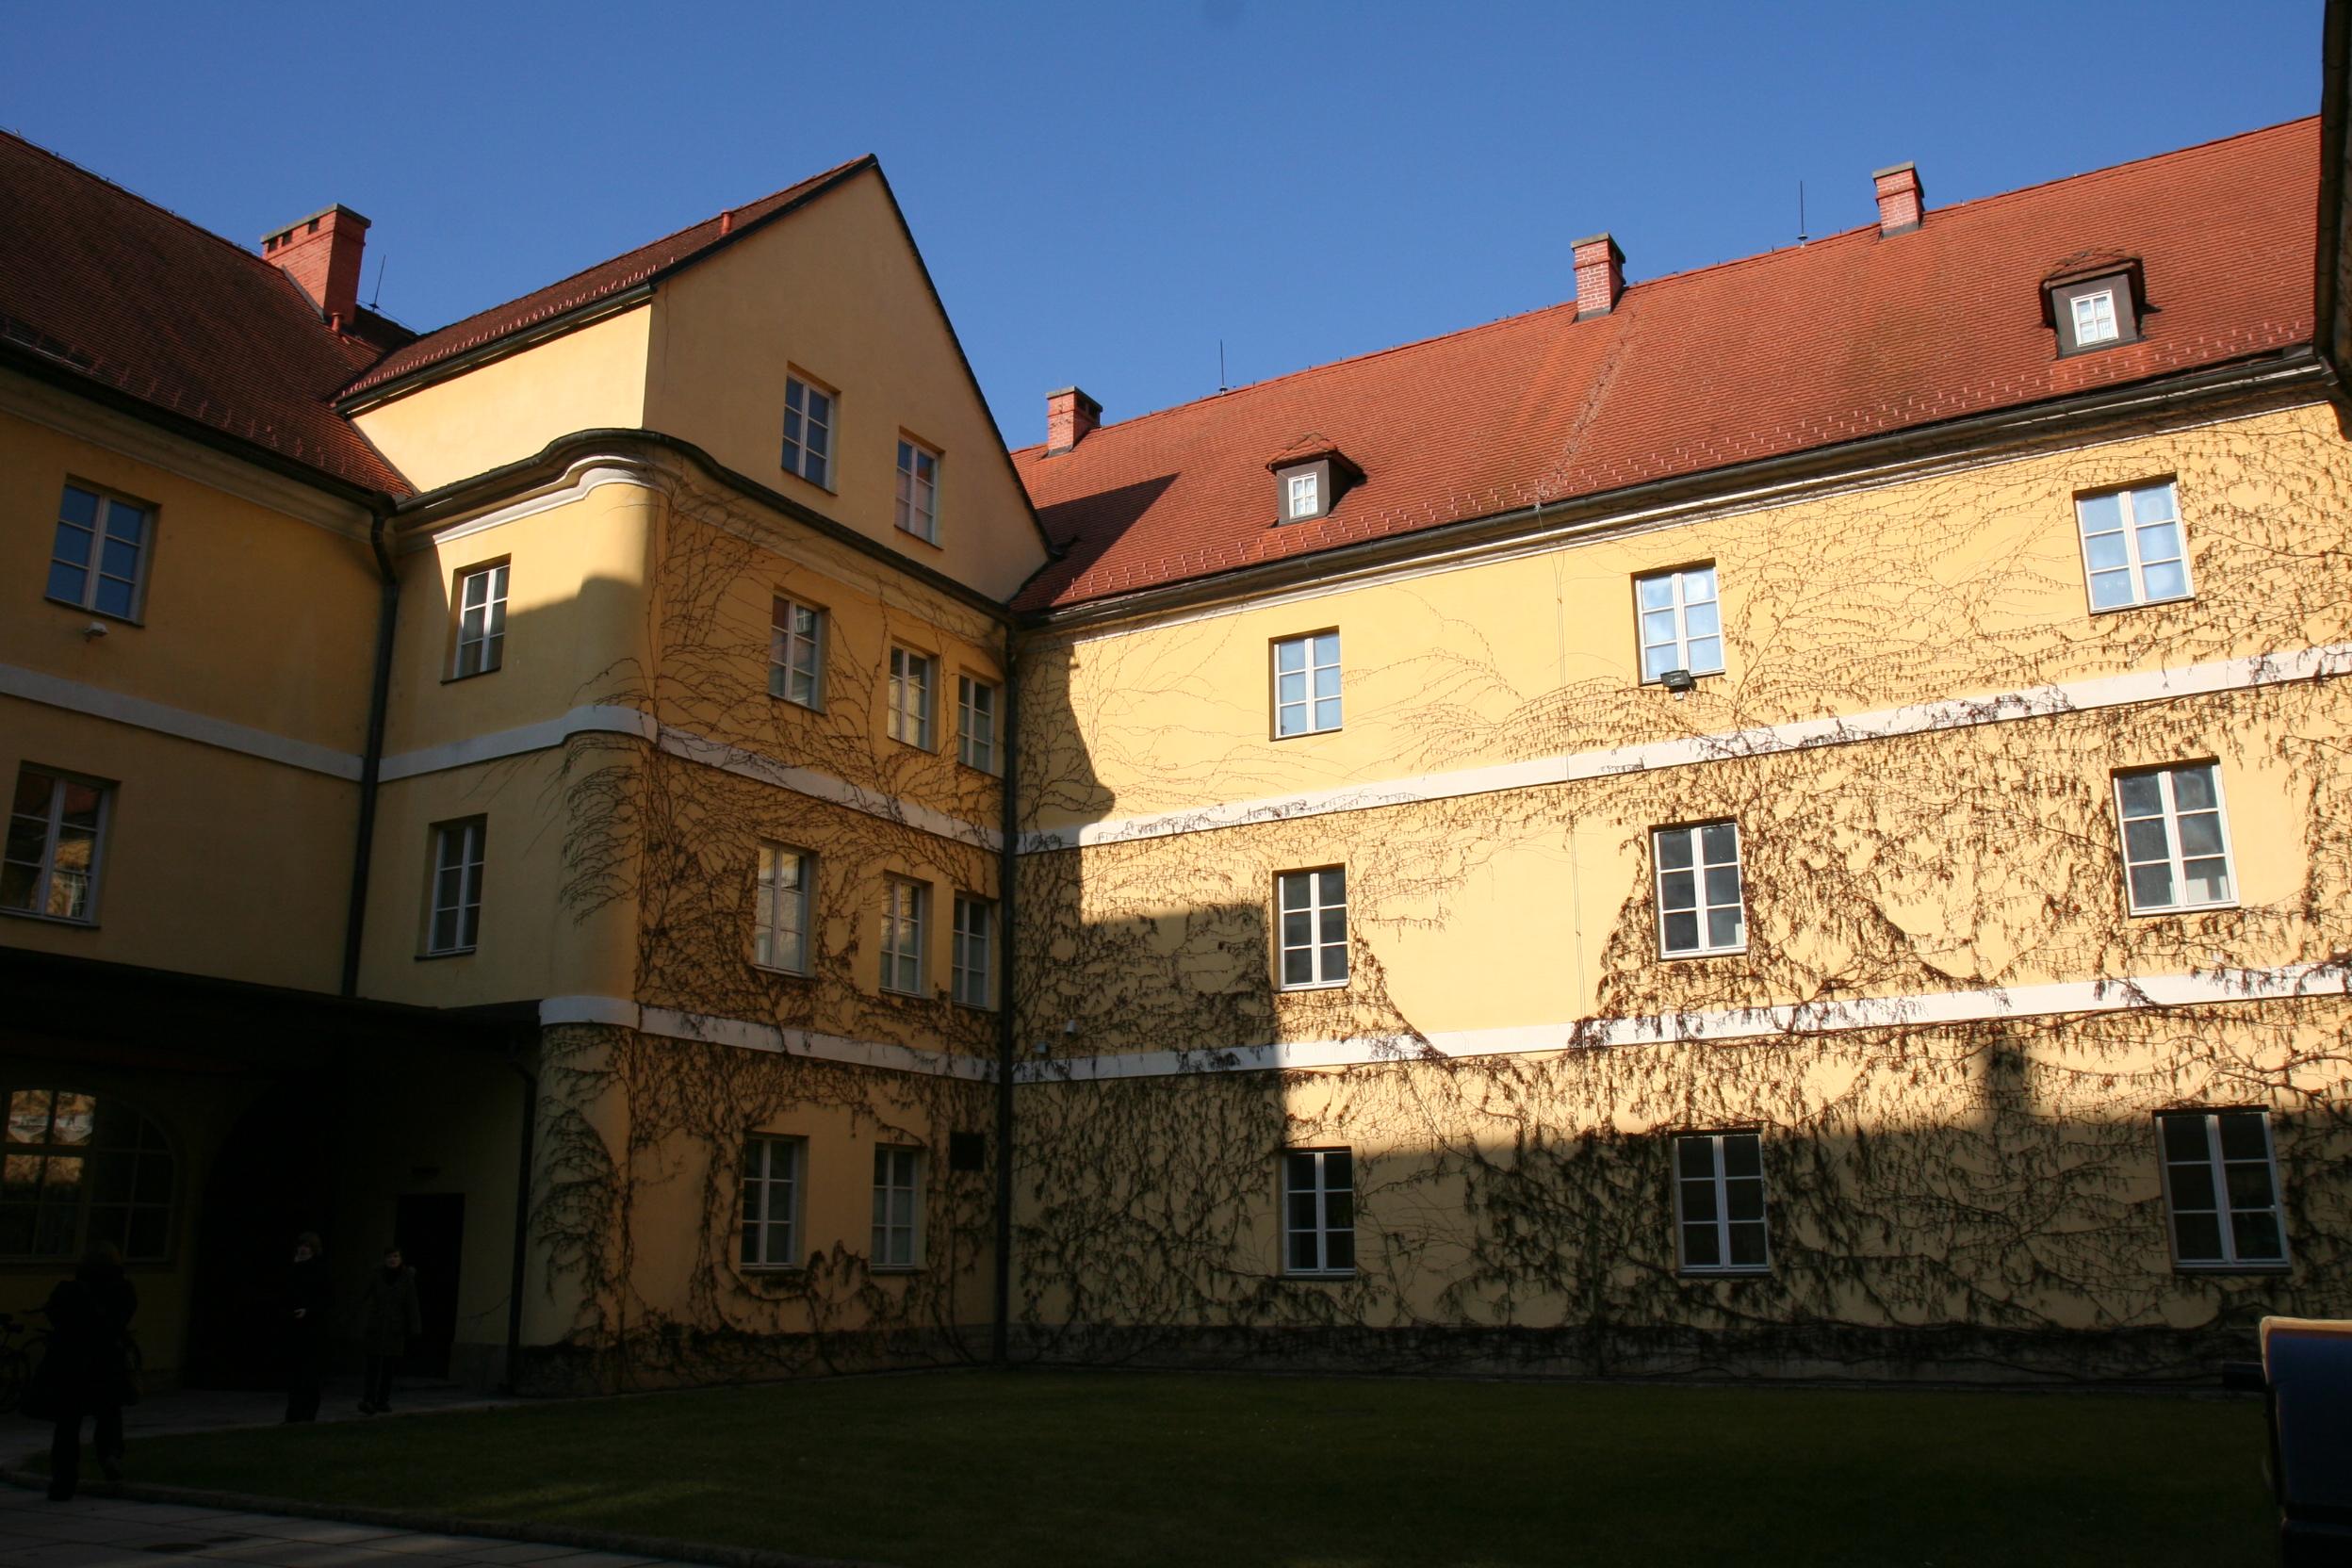 Ústřední depozitář Národního muzea, Terezín